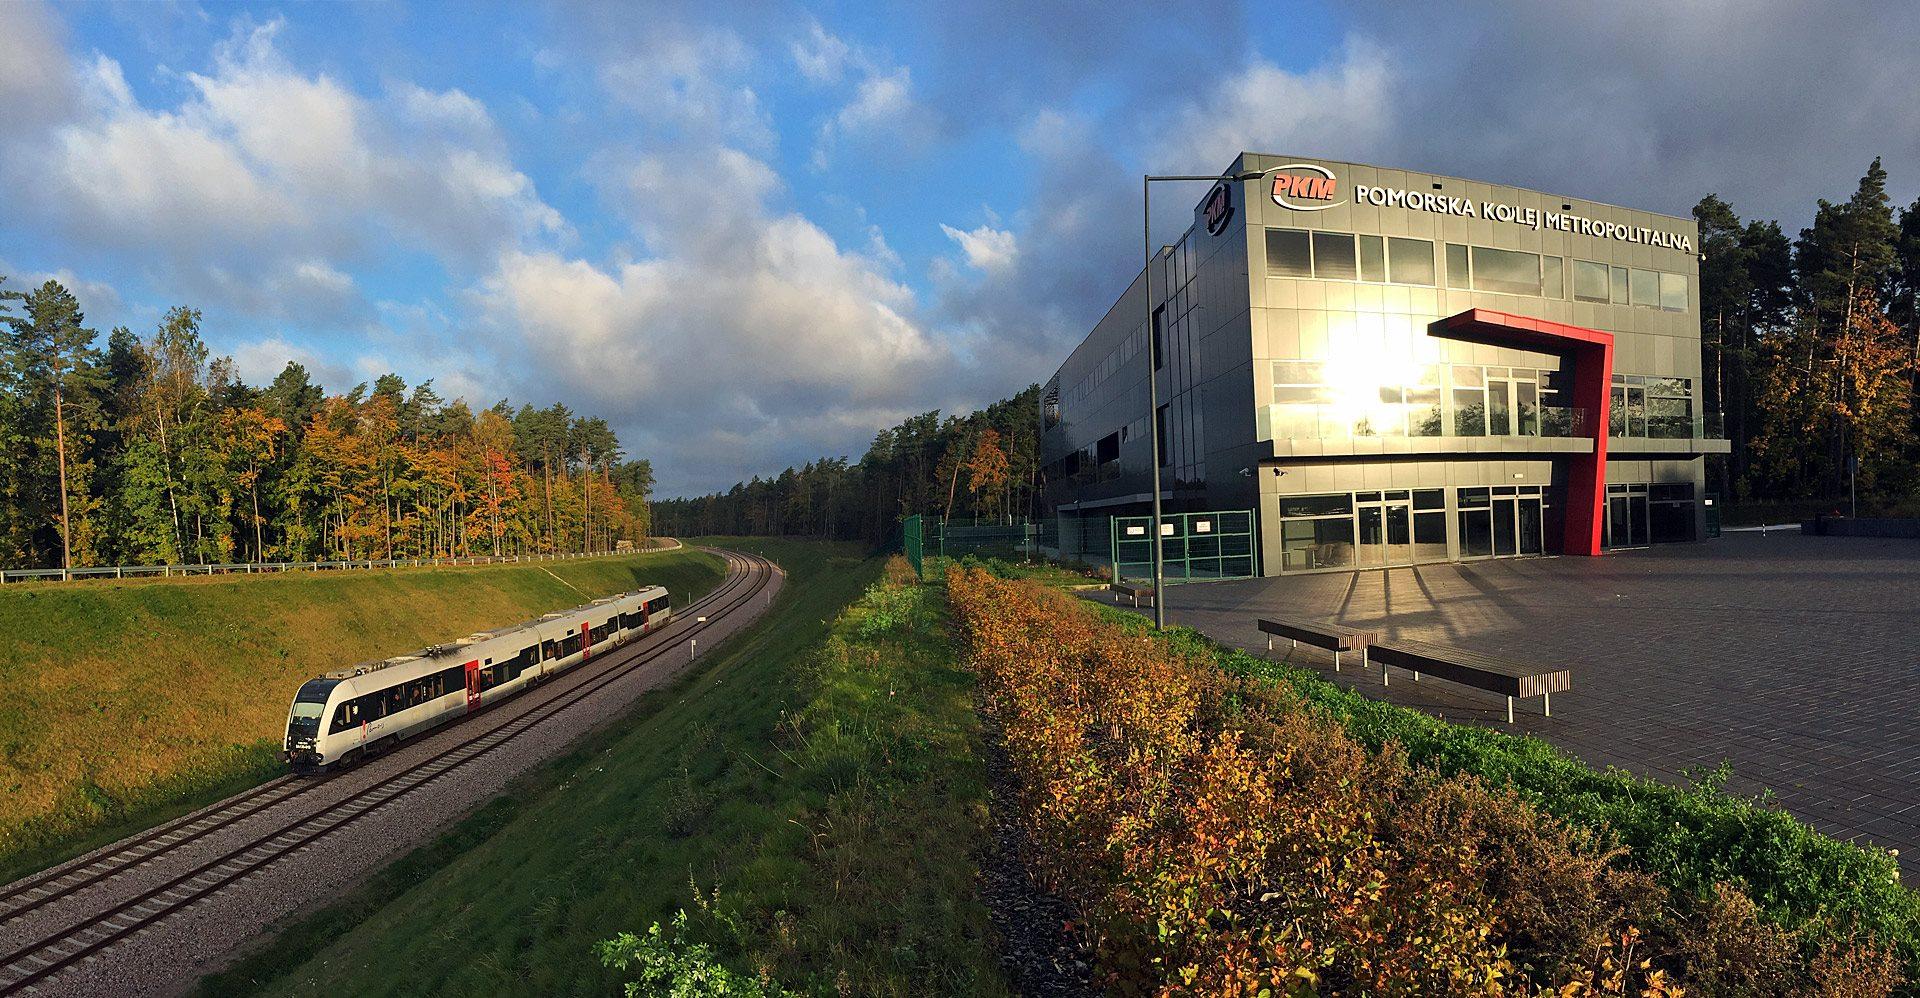 NaKolei.pl - Pomorska Kolej Metropolitalna: W marcu na linii przejechało aż 324,4 tys. osób. Jest rekord!